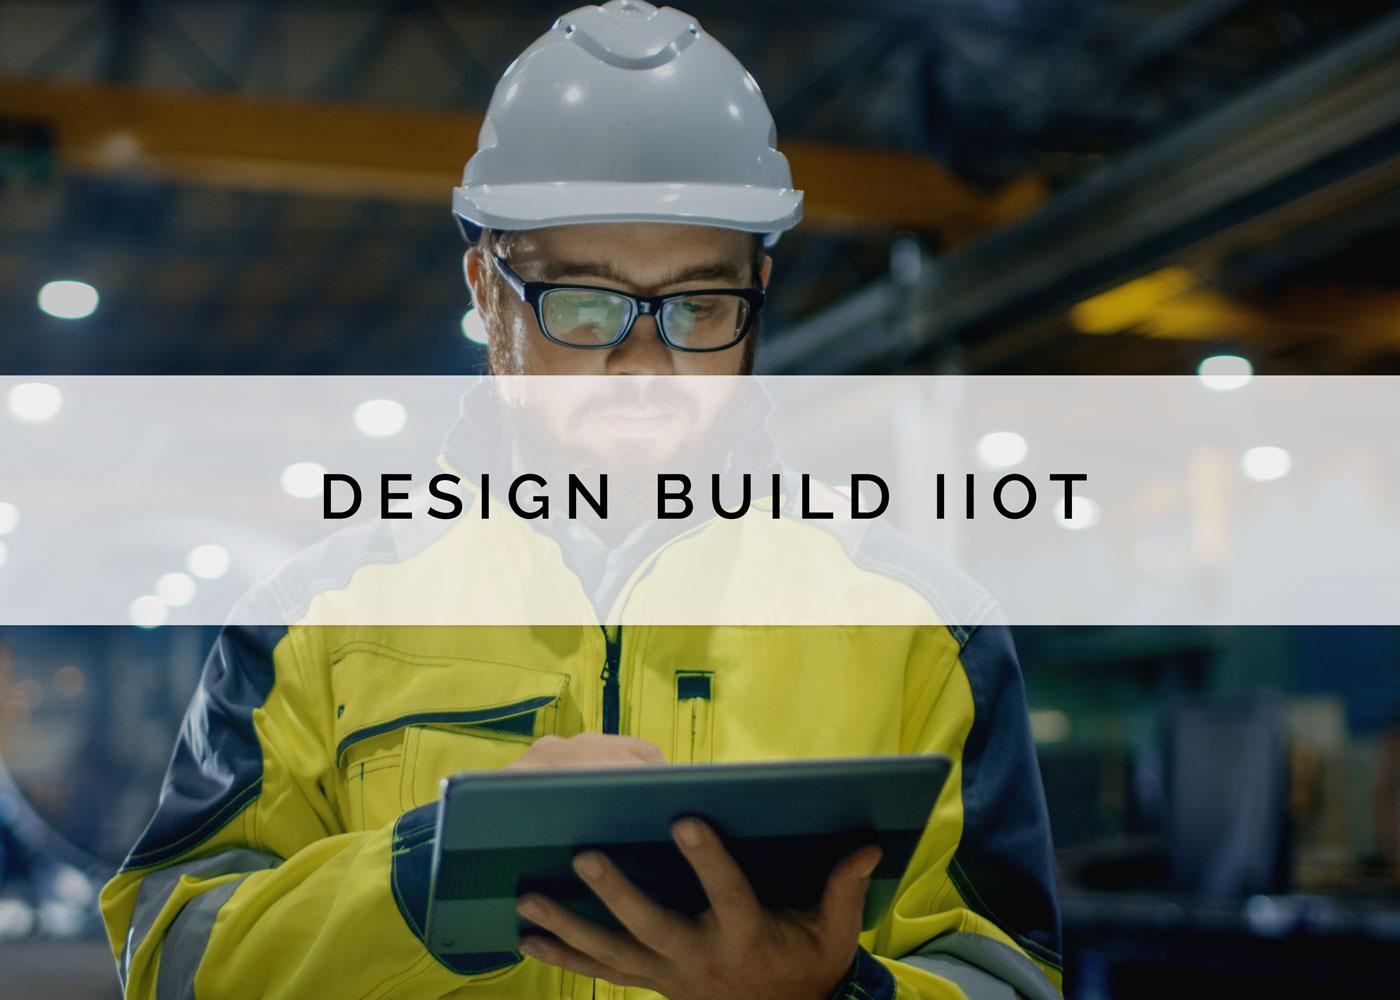 Design-Build-IIOT-Header-(Mobile)